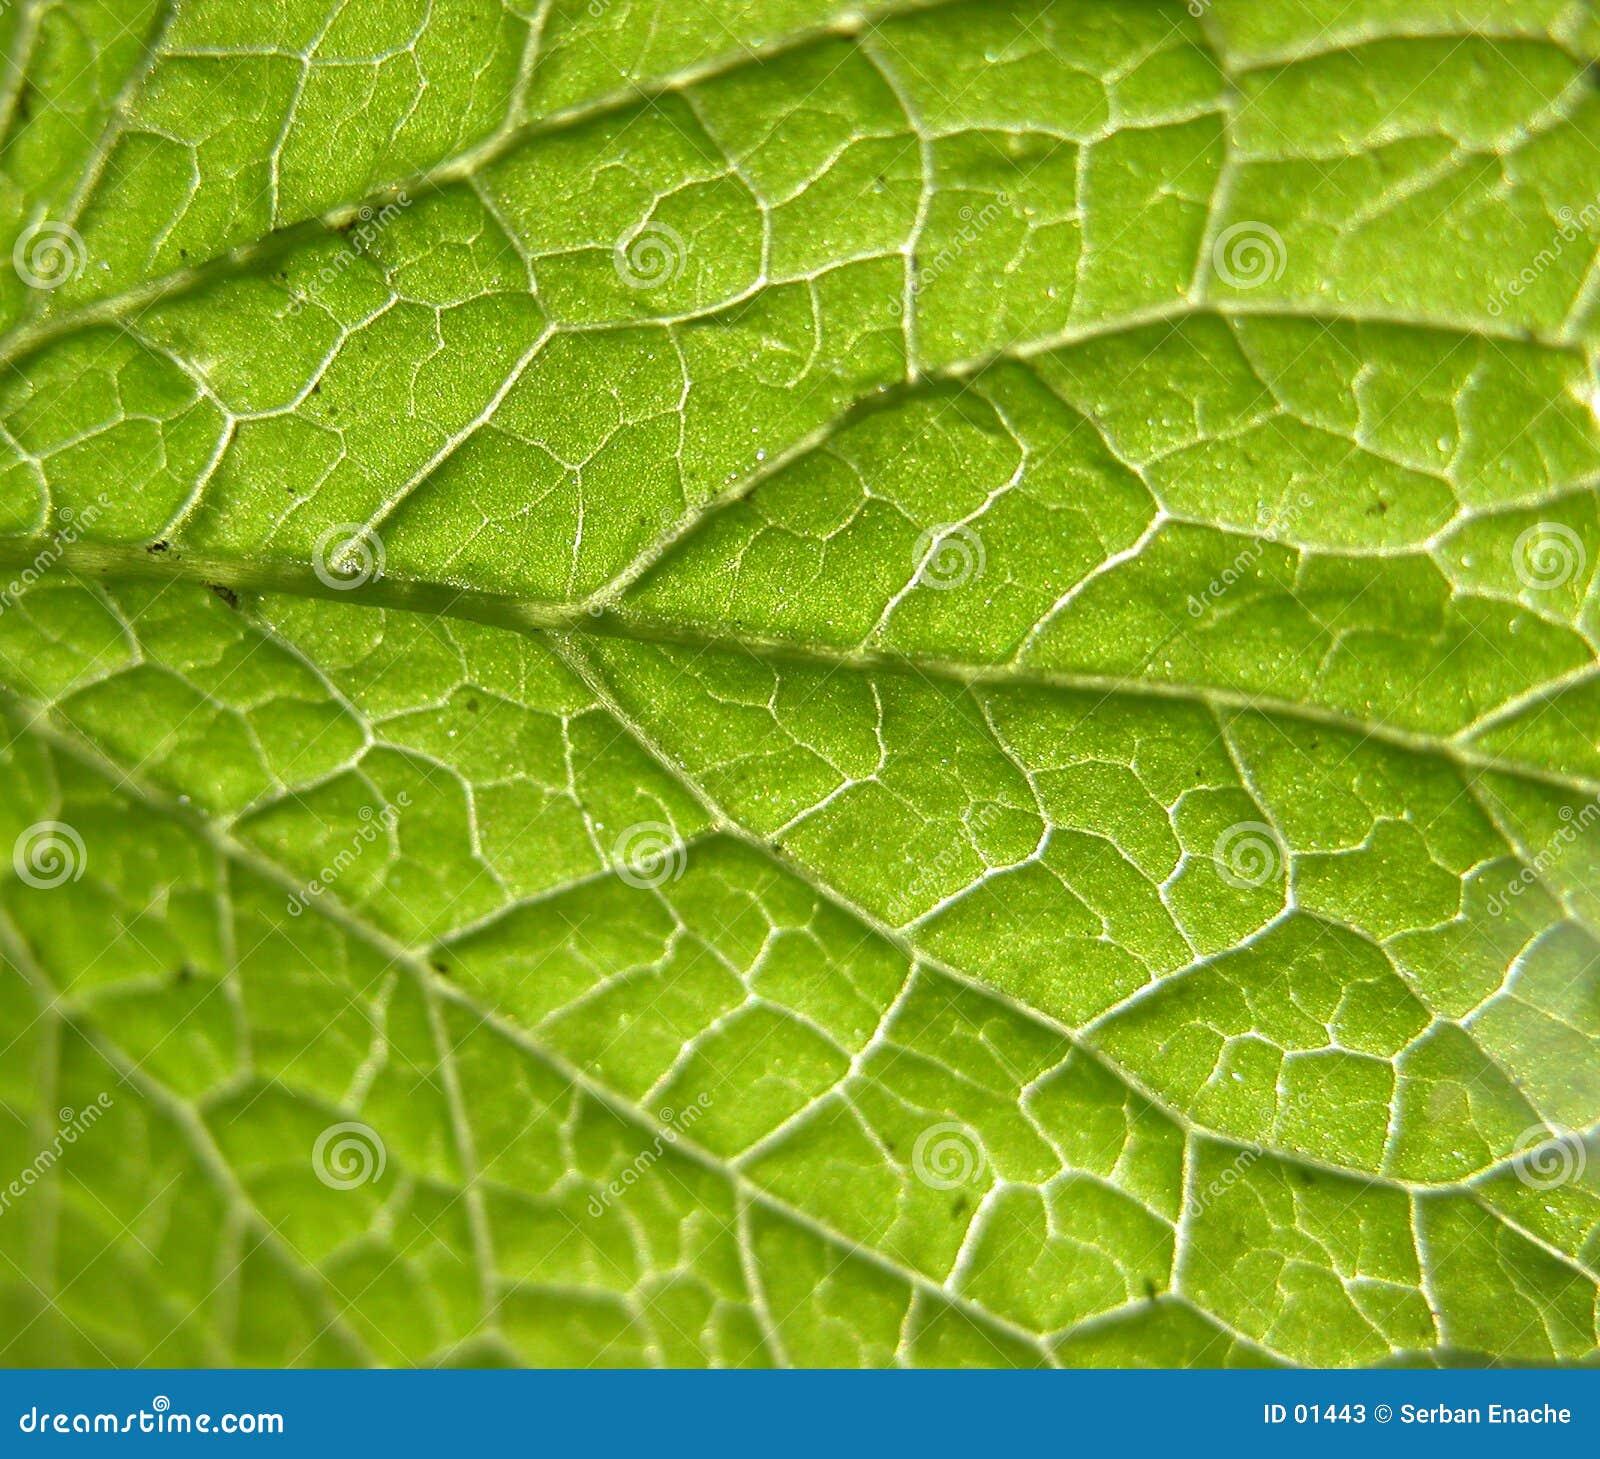 Zbliżenie zielone liści,